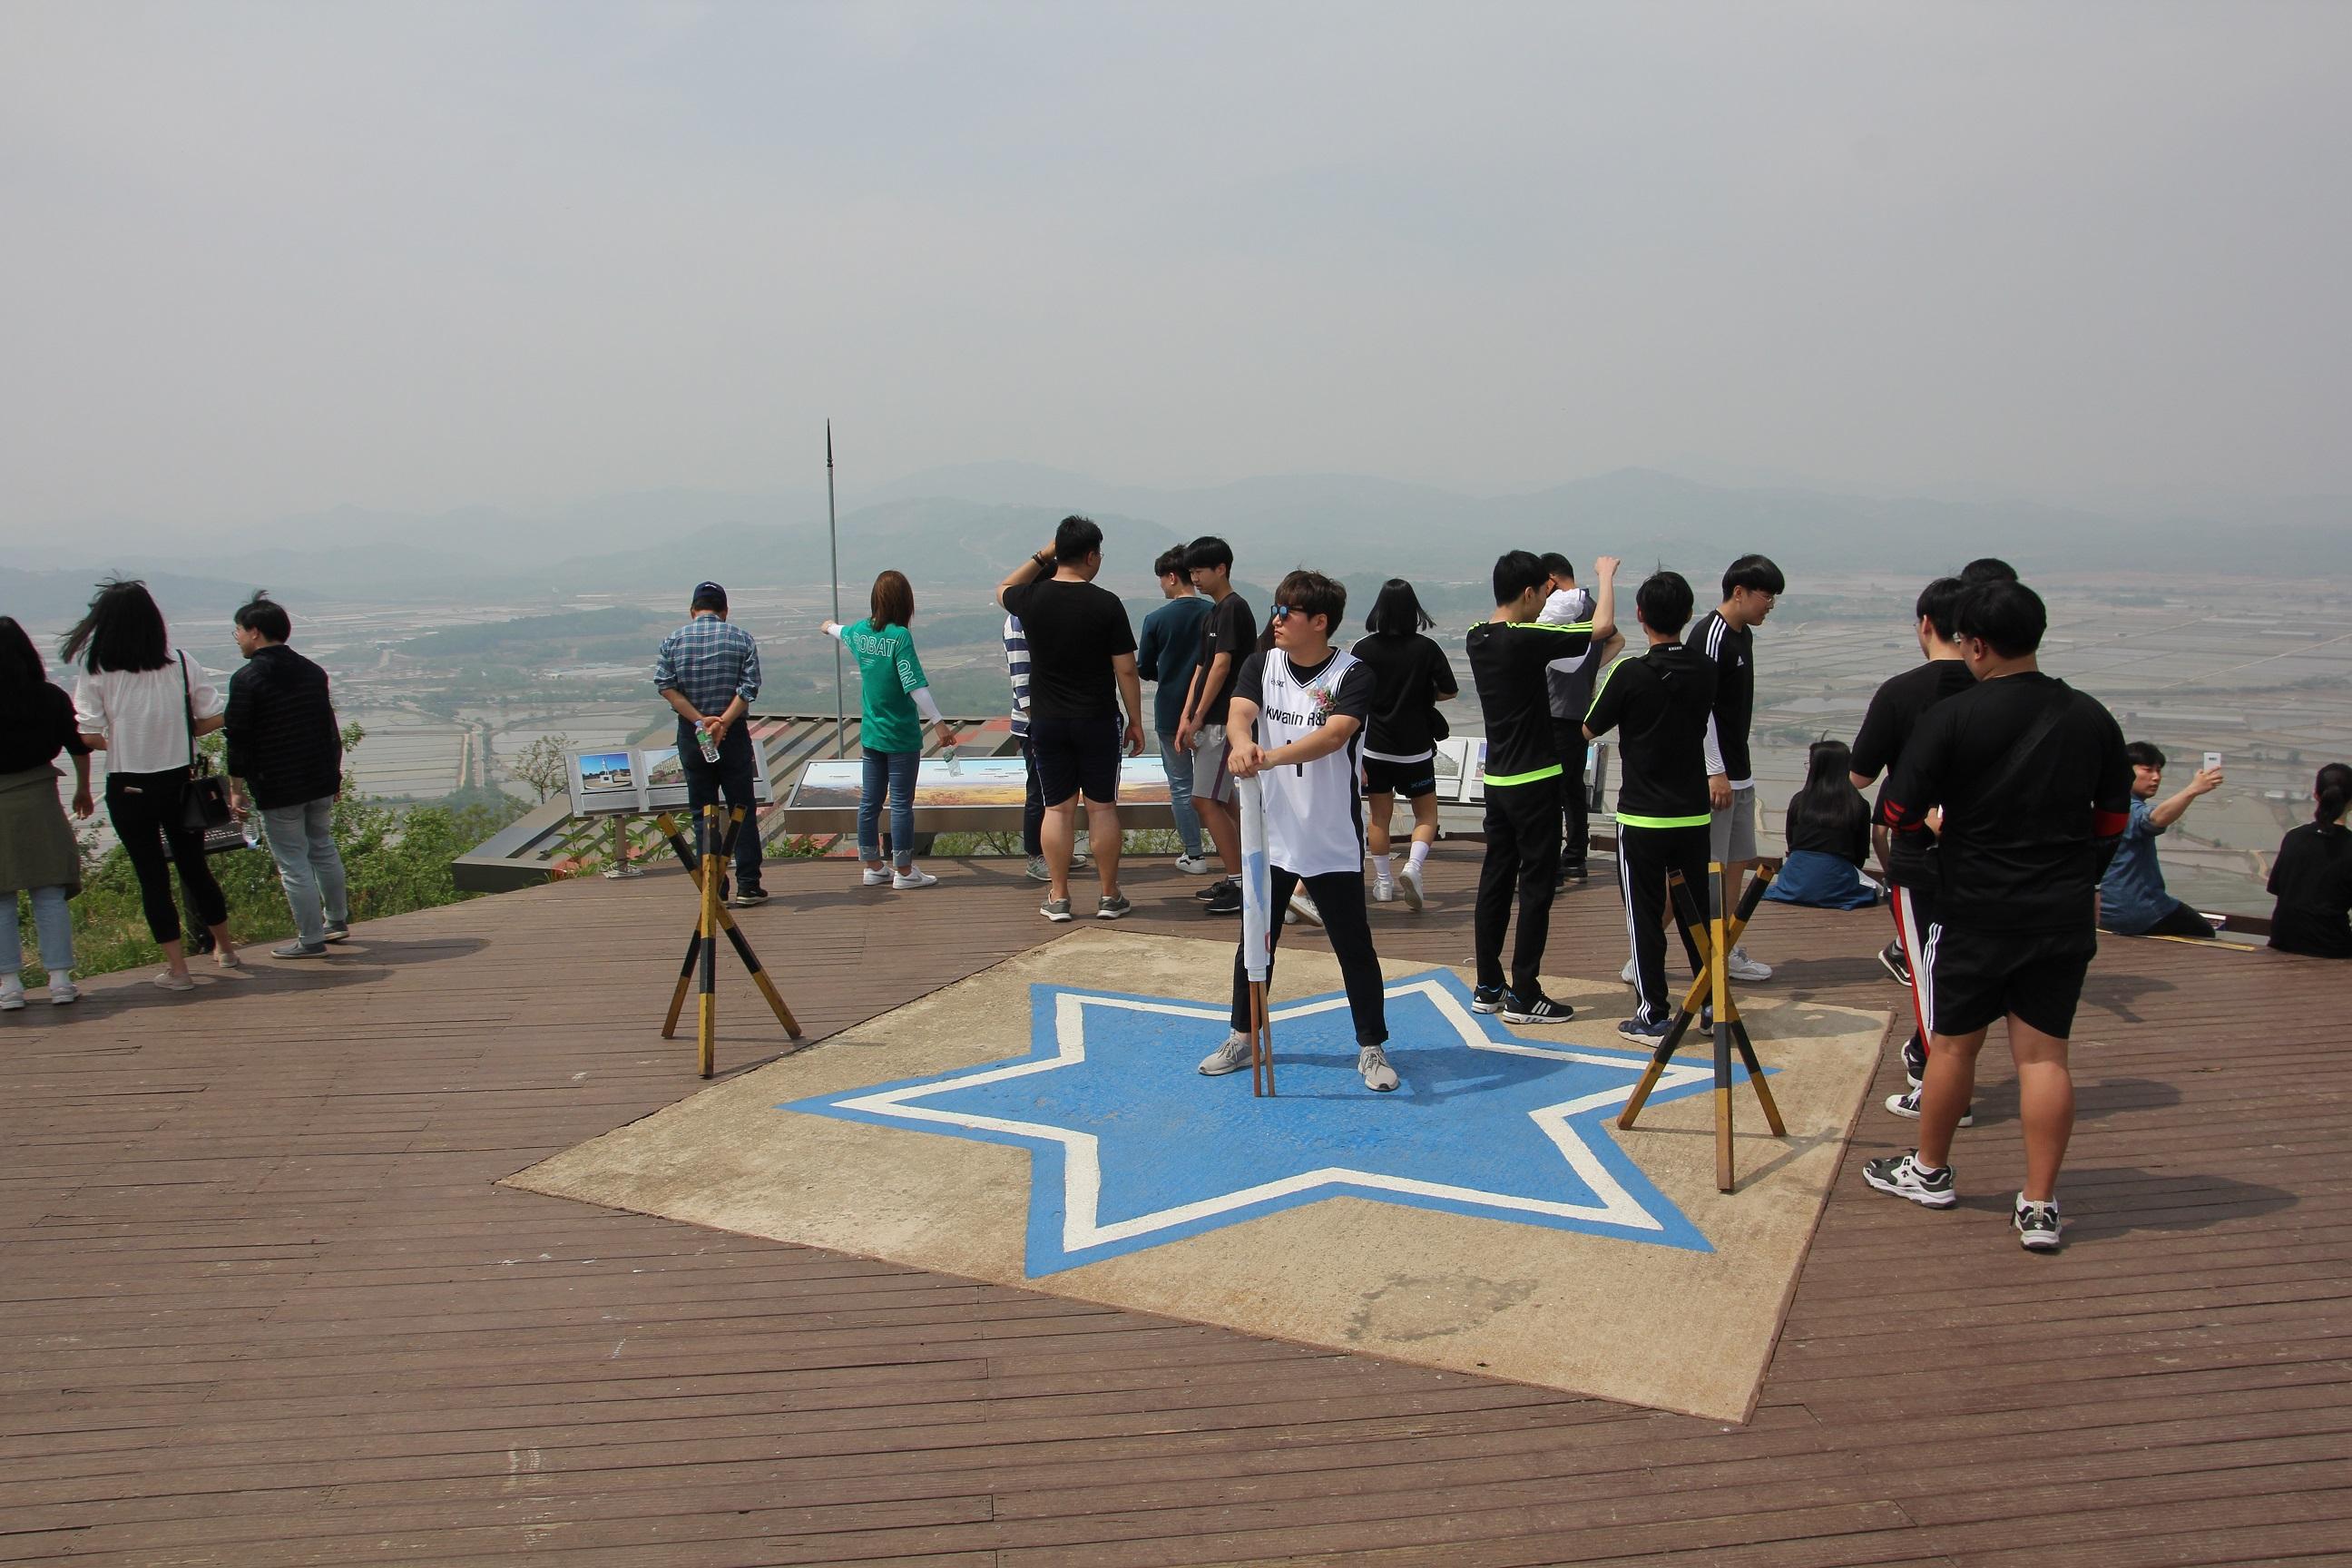 [일반] [5/15] 사제동행 dmz 생태평화공원 걷기 행사의 첨부이미지 1